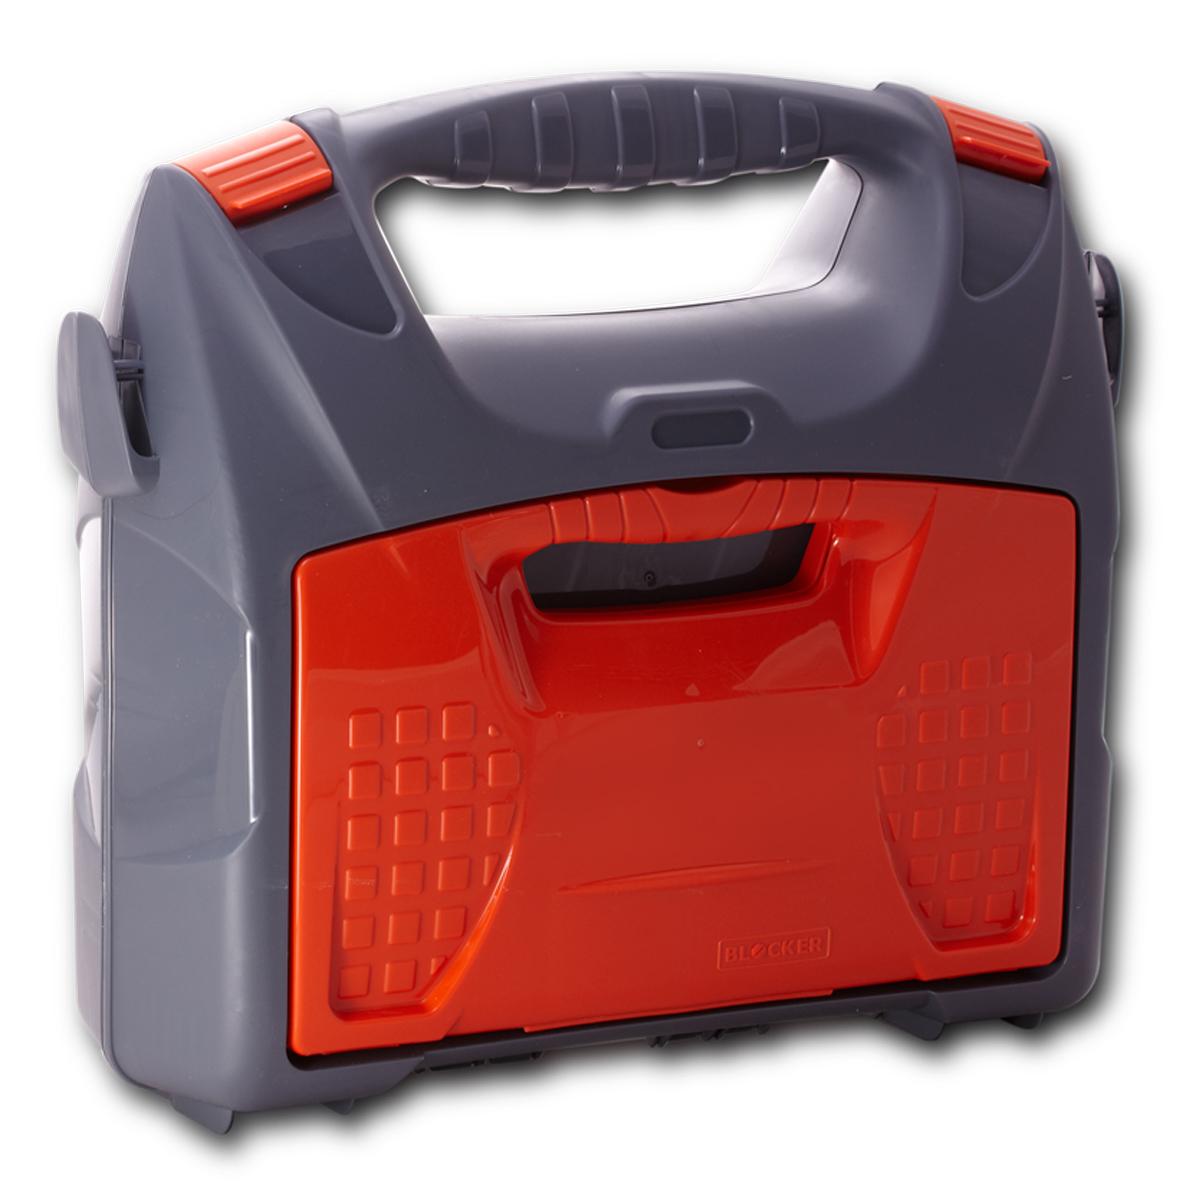 Кейс для электроинструмента Blocker Elekoffer +, с органайзером, цвет: серый, оранжевый, 415 х 361 х 141 мм3258-200Кейс для электроинструмента Blocker Elekoffer + имеет оптимальную форму для размещения большинства известных домашних электроинструментов: дрели, угловой шлифовальной машины (болгарки), электролобзика, шуруповерта. Отличительными особенностями кейса являются: съемный органайзер для сверел и буров, оригинальный дизайн, эргономичная ручка, боковые зацепы для наплечного ремня.